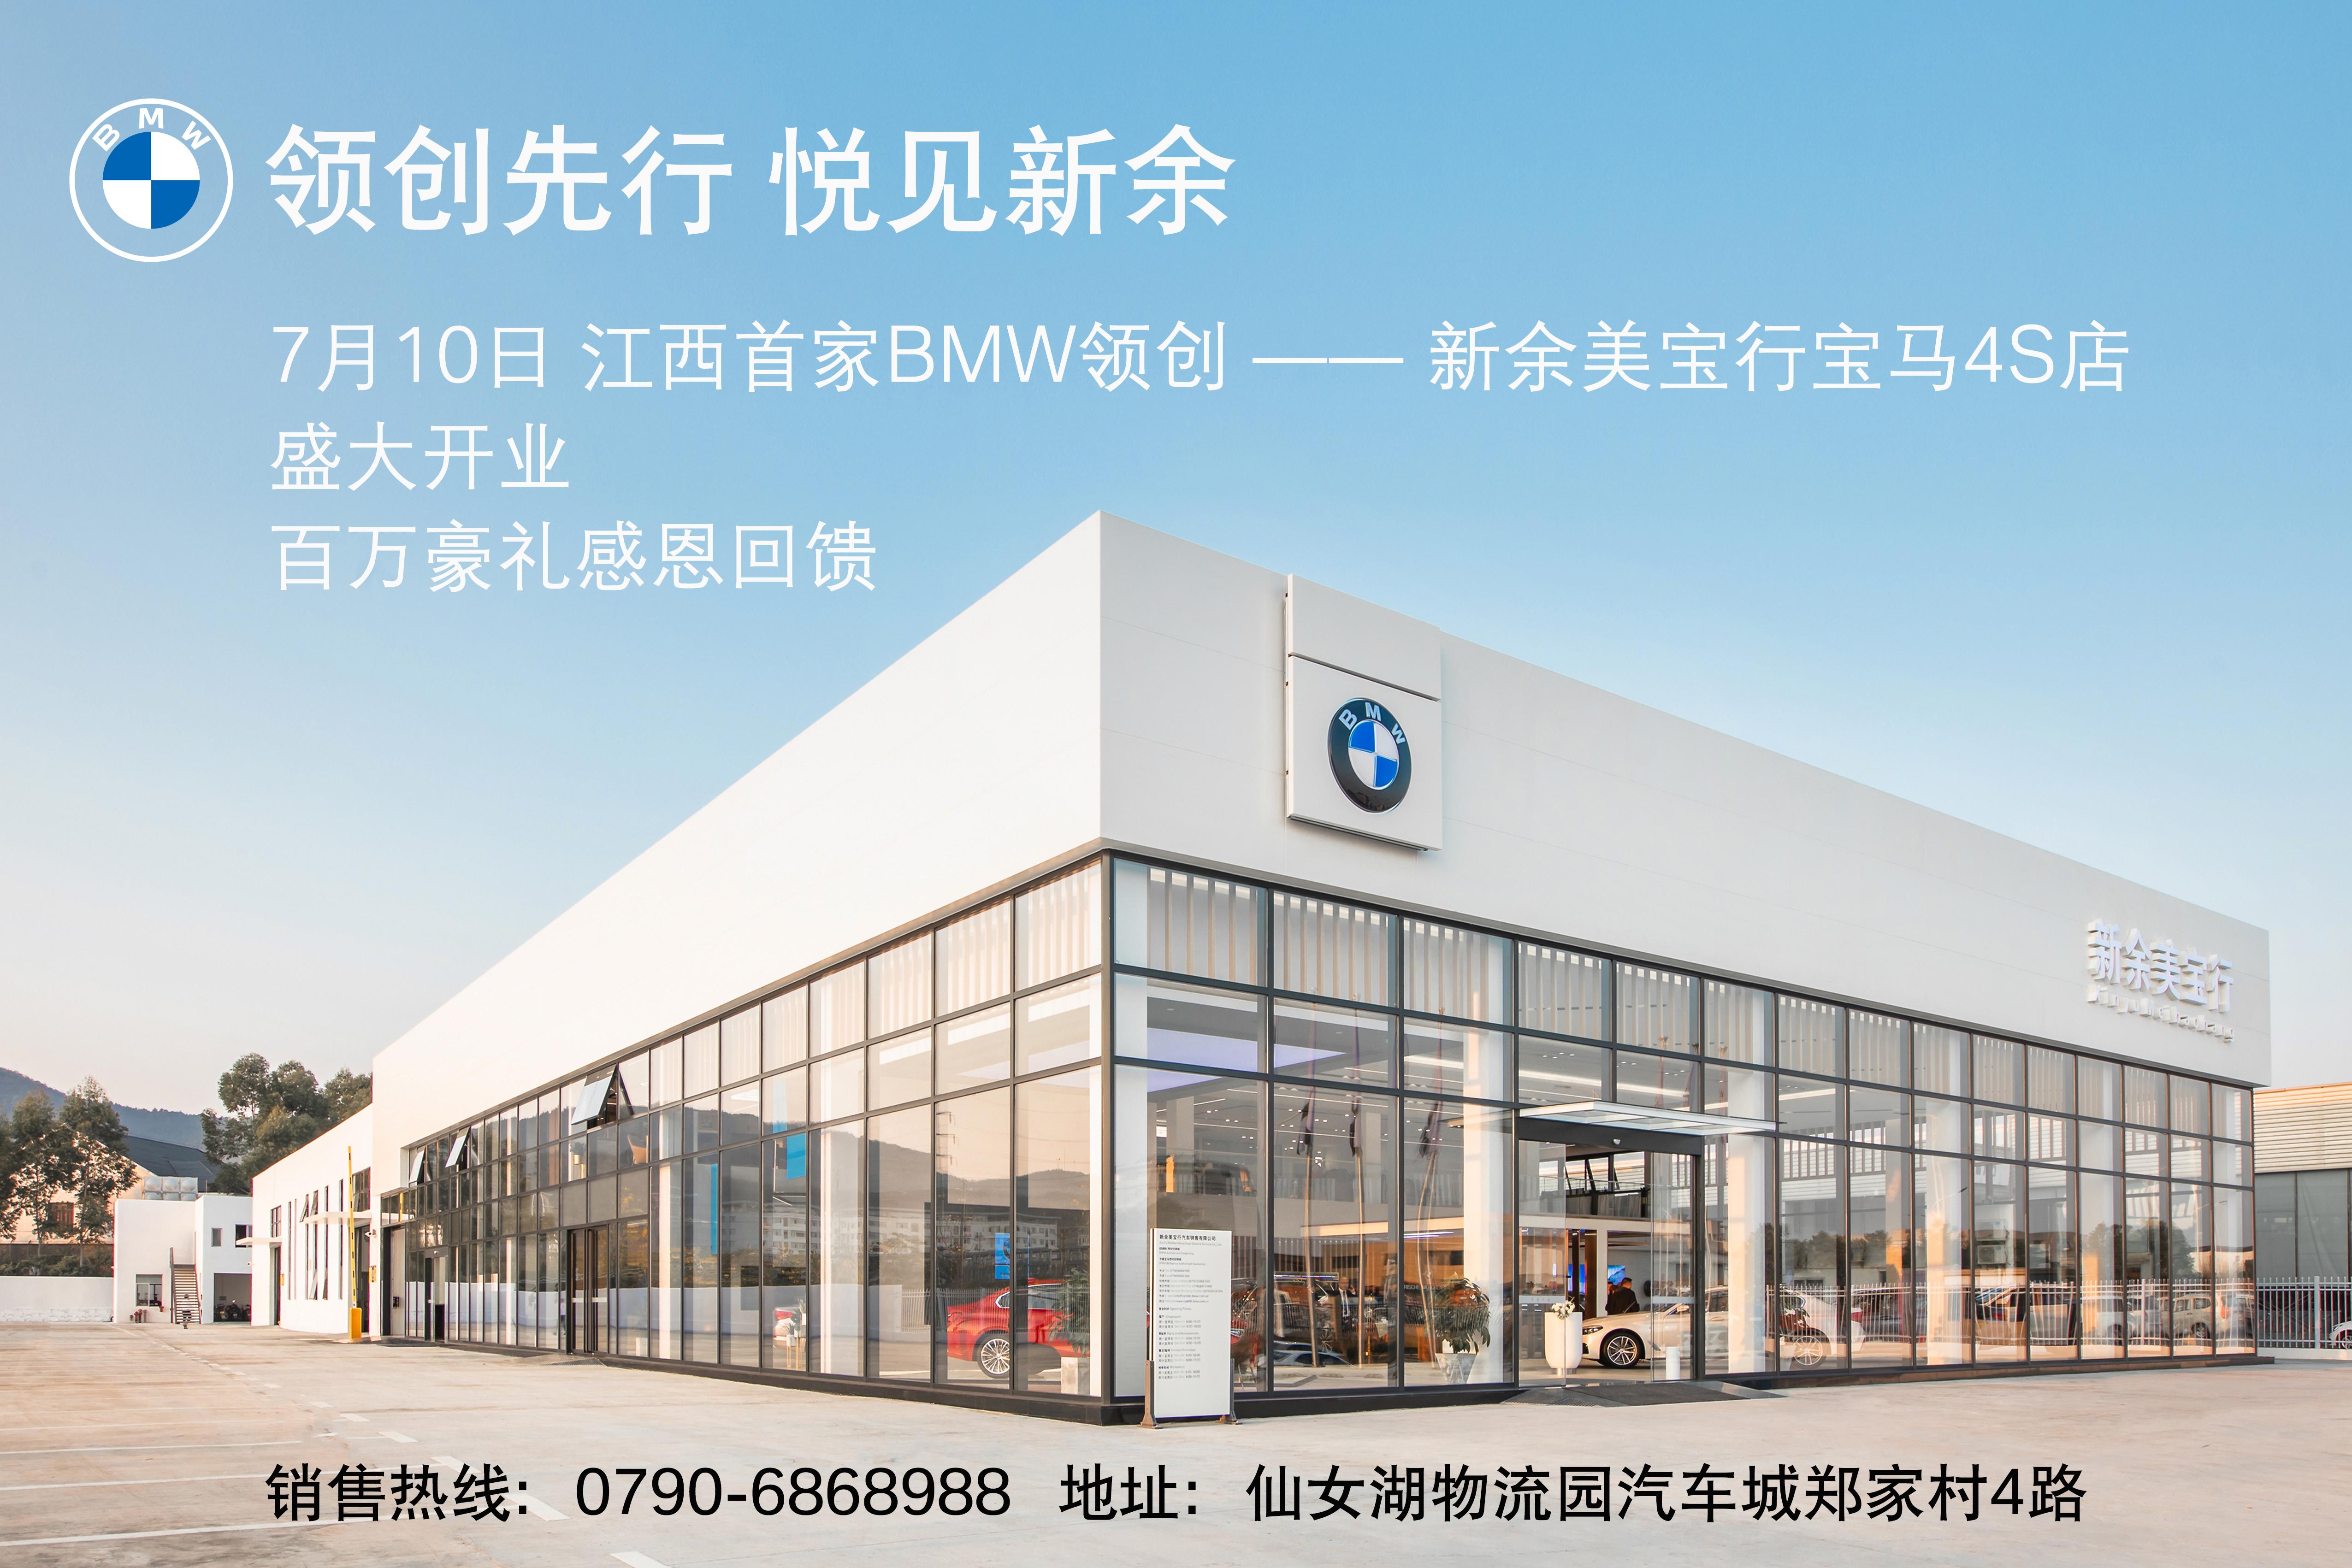 全新BMW领创经销商新余美宝行开业